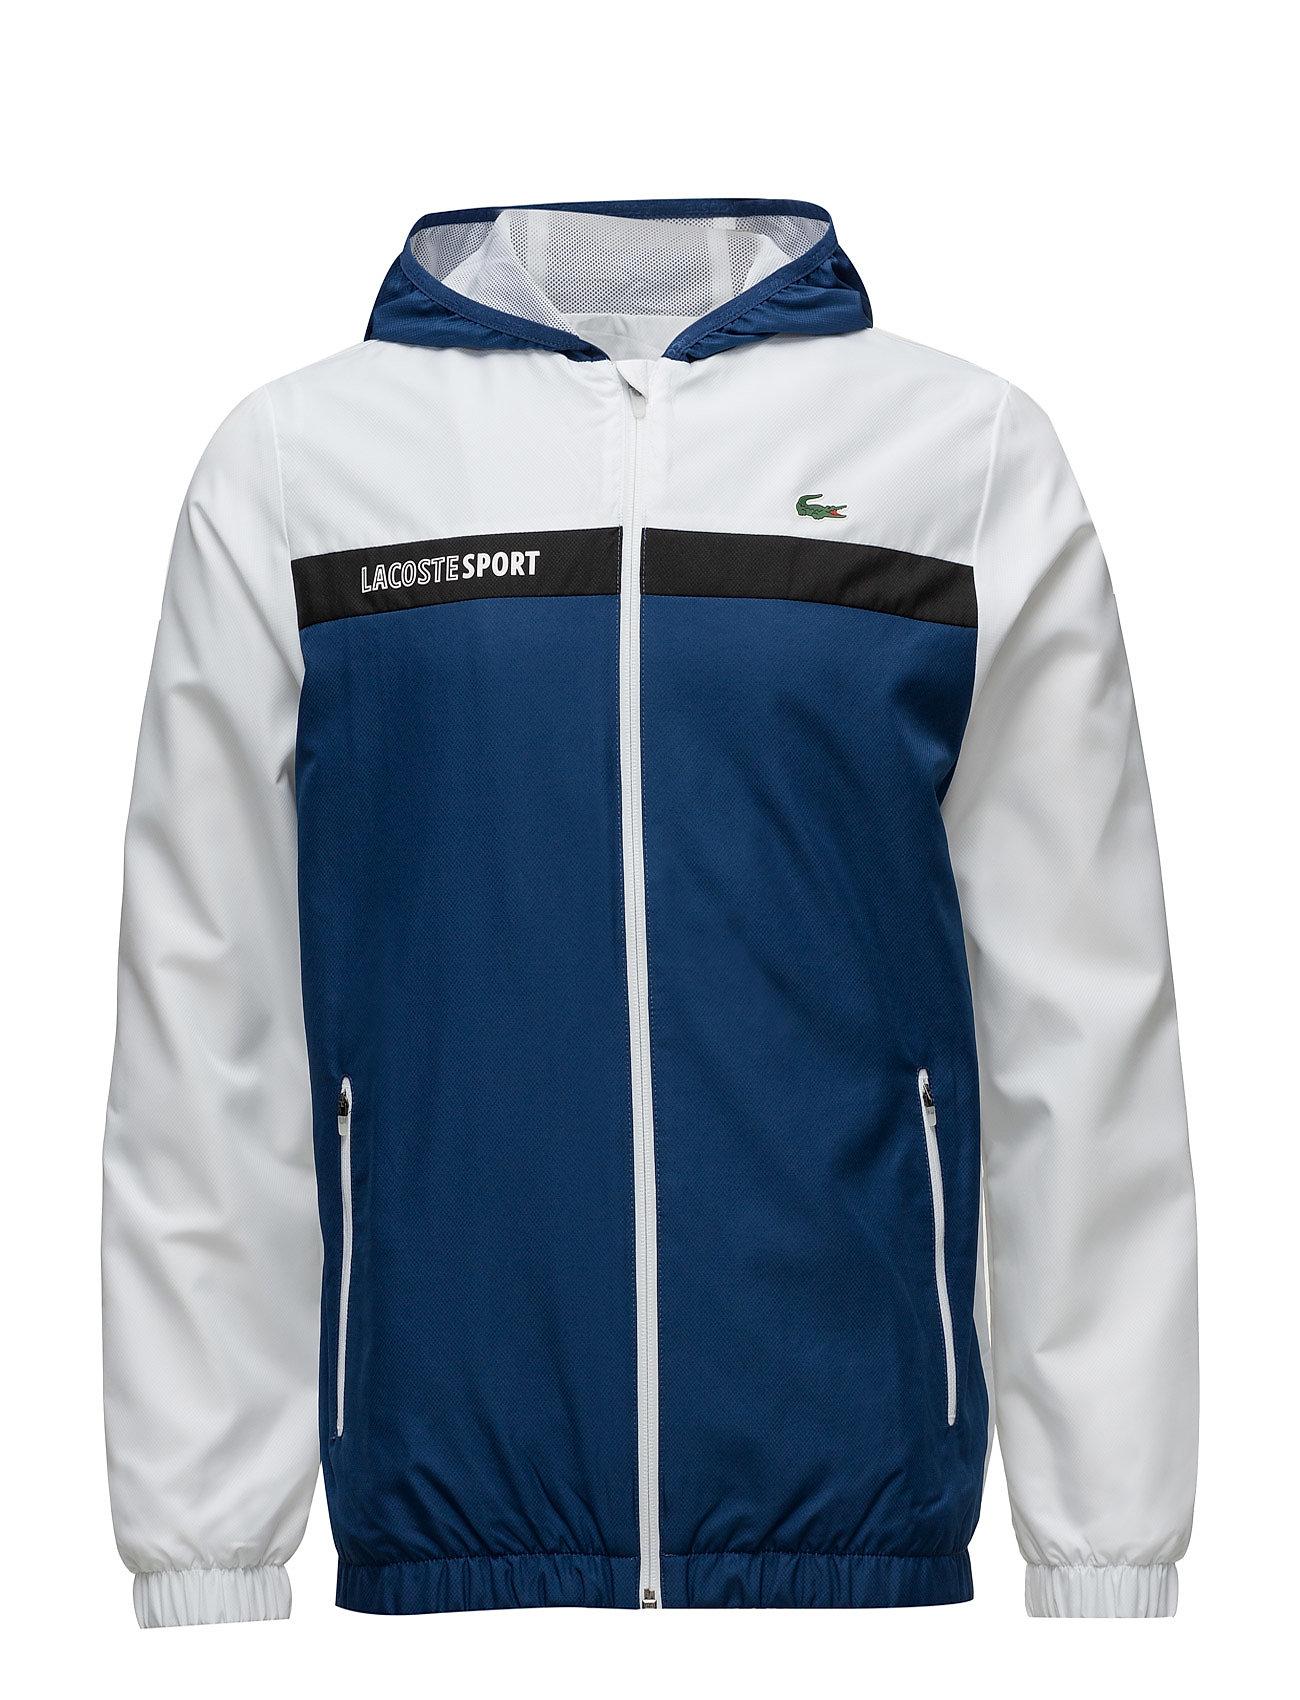 Parkas   Blousons (Cz4) (£79.50) - Lacoste Sport - Sweatshirts ... 07ba9dfaa31